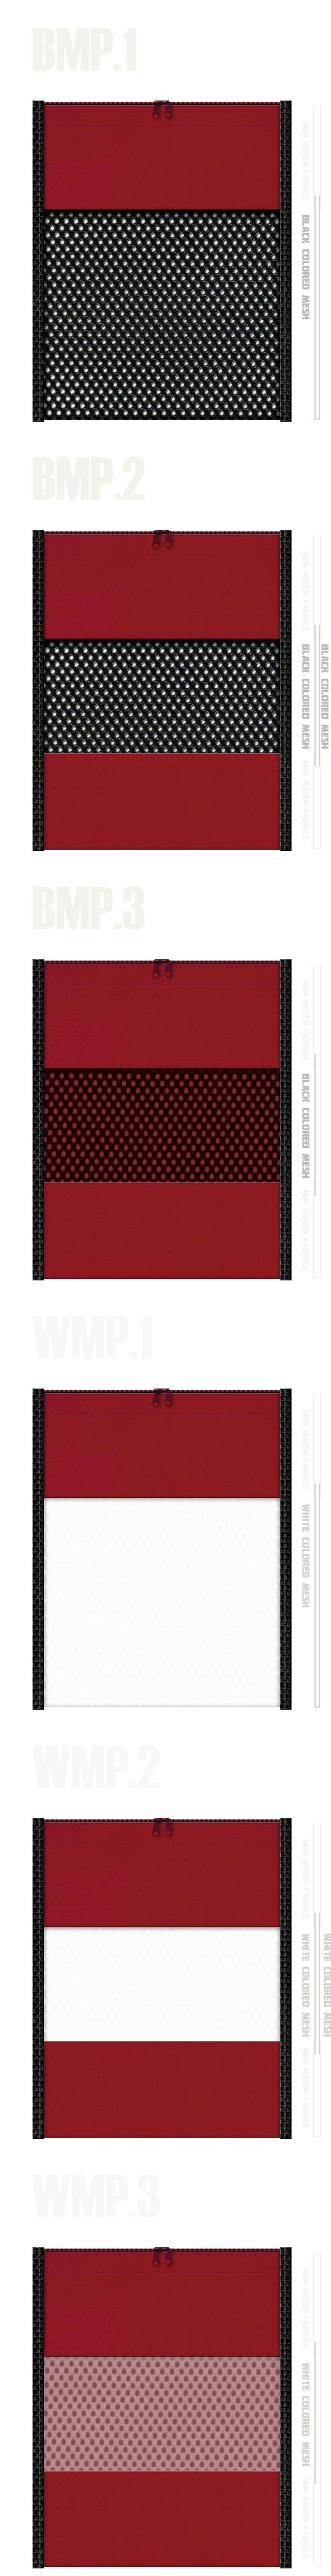 メッシュポーチのカラーシミュレーション:黒色・白色メッシュとエンジ色不織布の組み合わせ